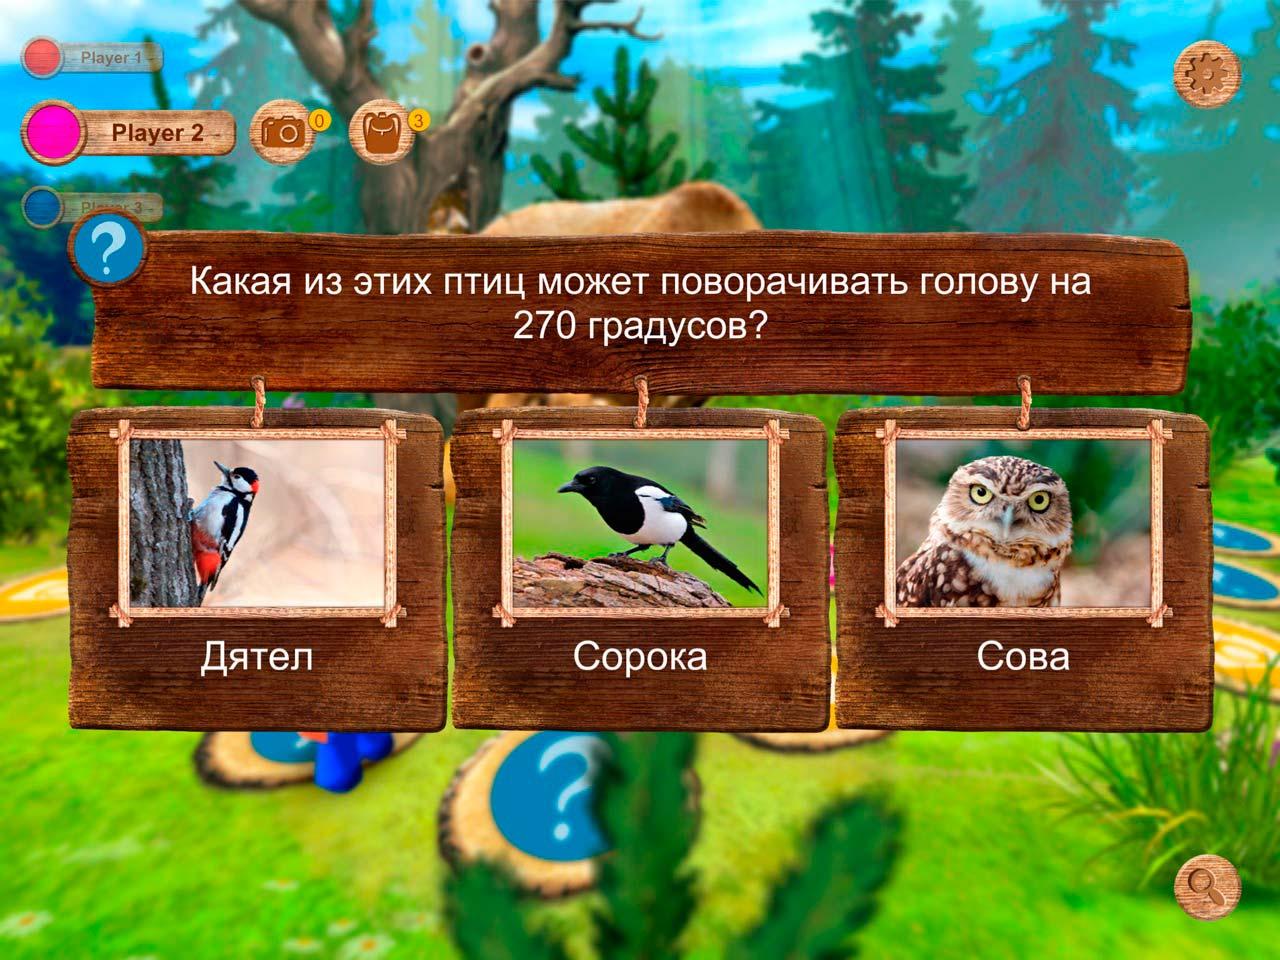 Вопросы в Forest Quest